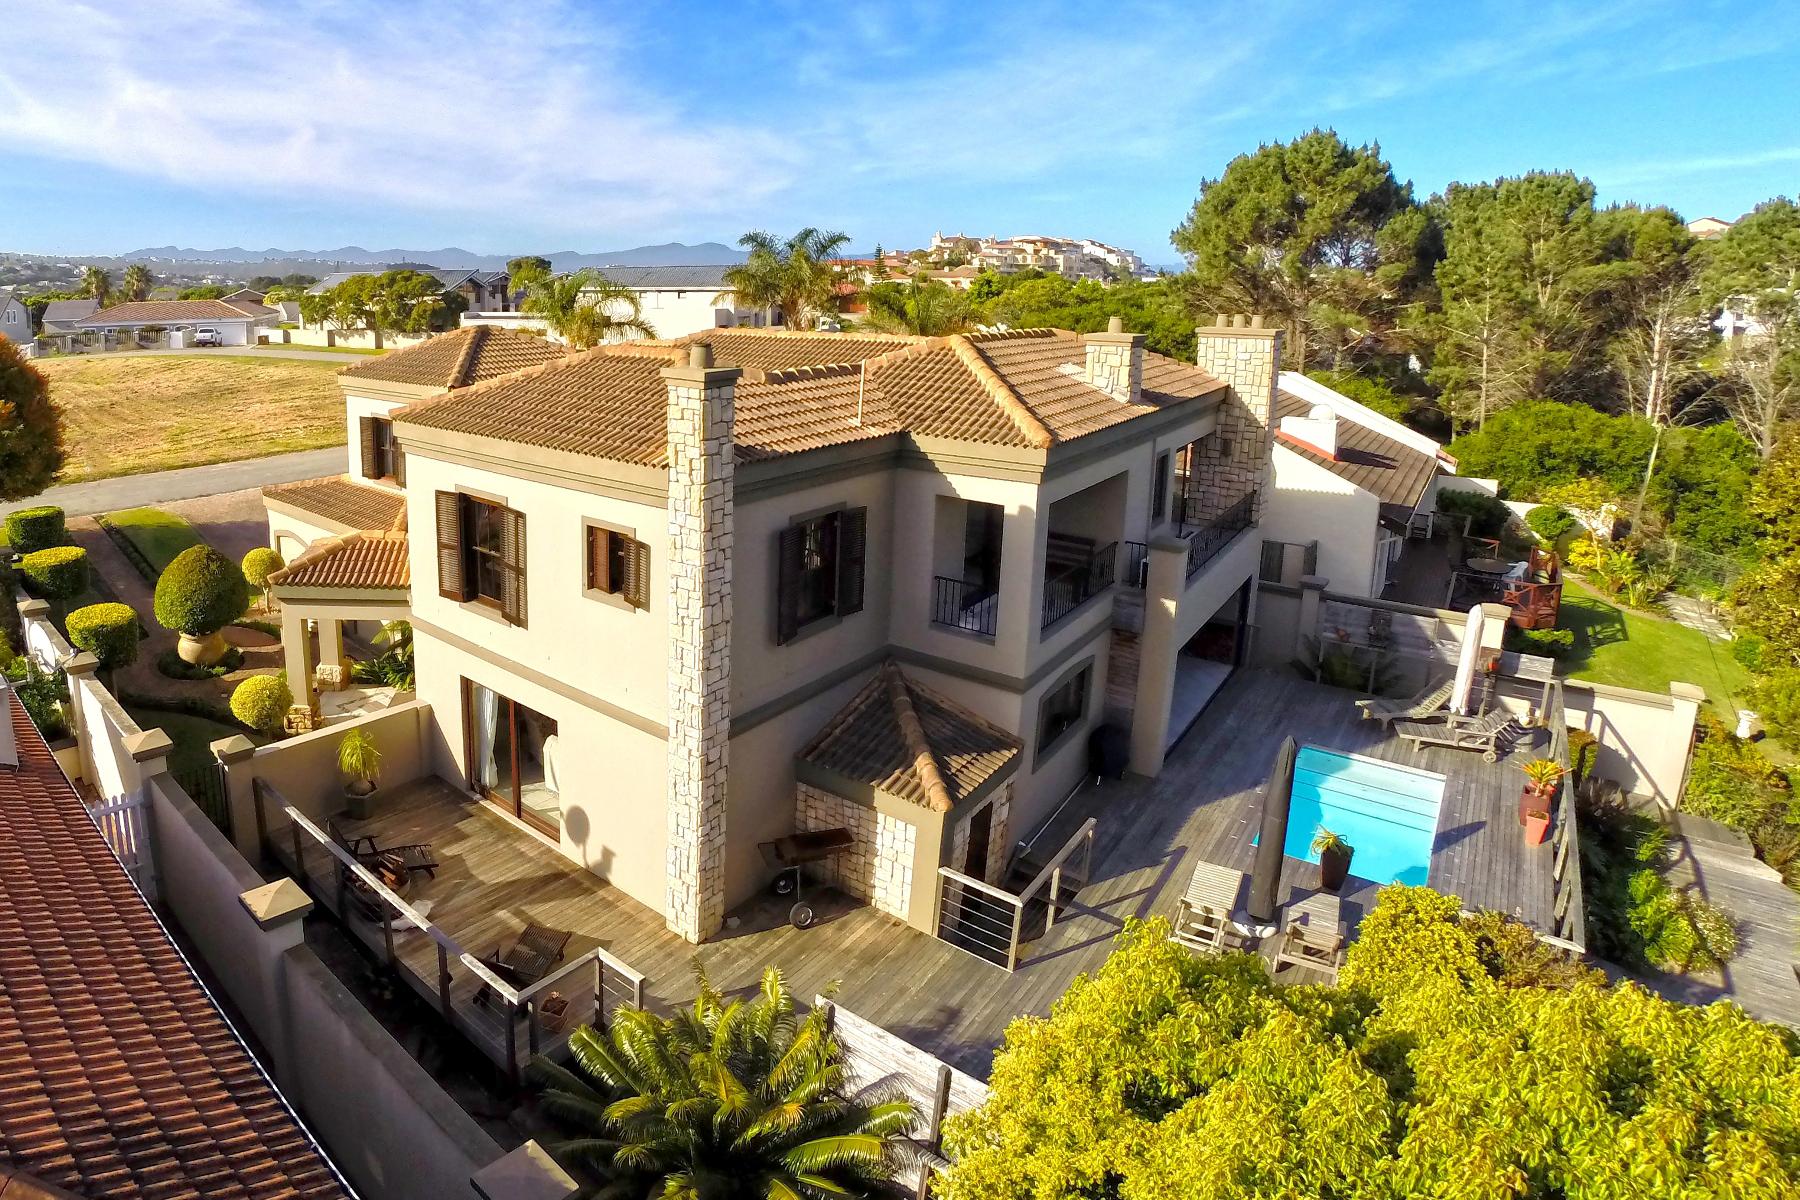 Maison unifamiliale pour l Vente à Beautiful Family Home Plettenberg Bay, Cap-Occidental, 6600 Afrique Du Sud